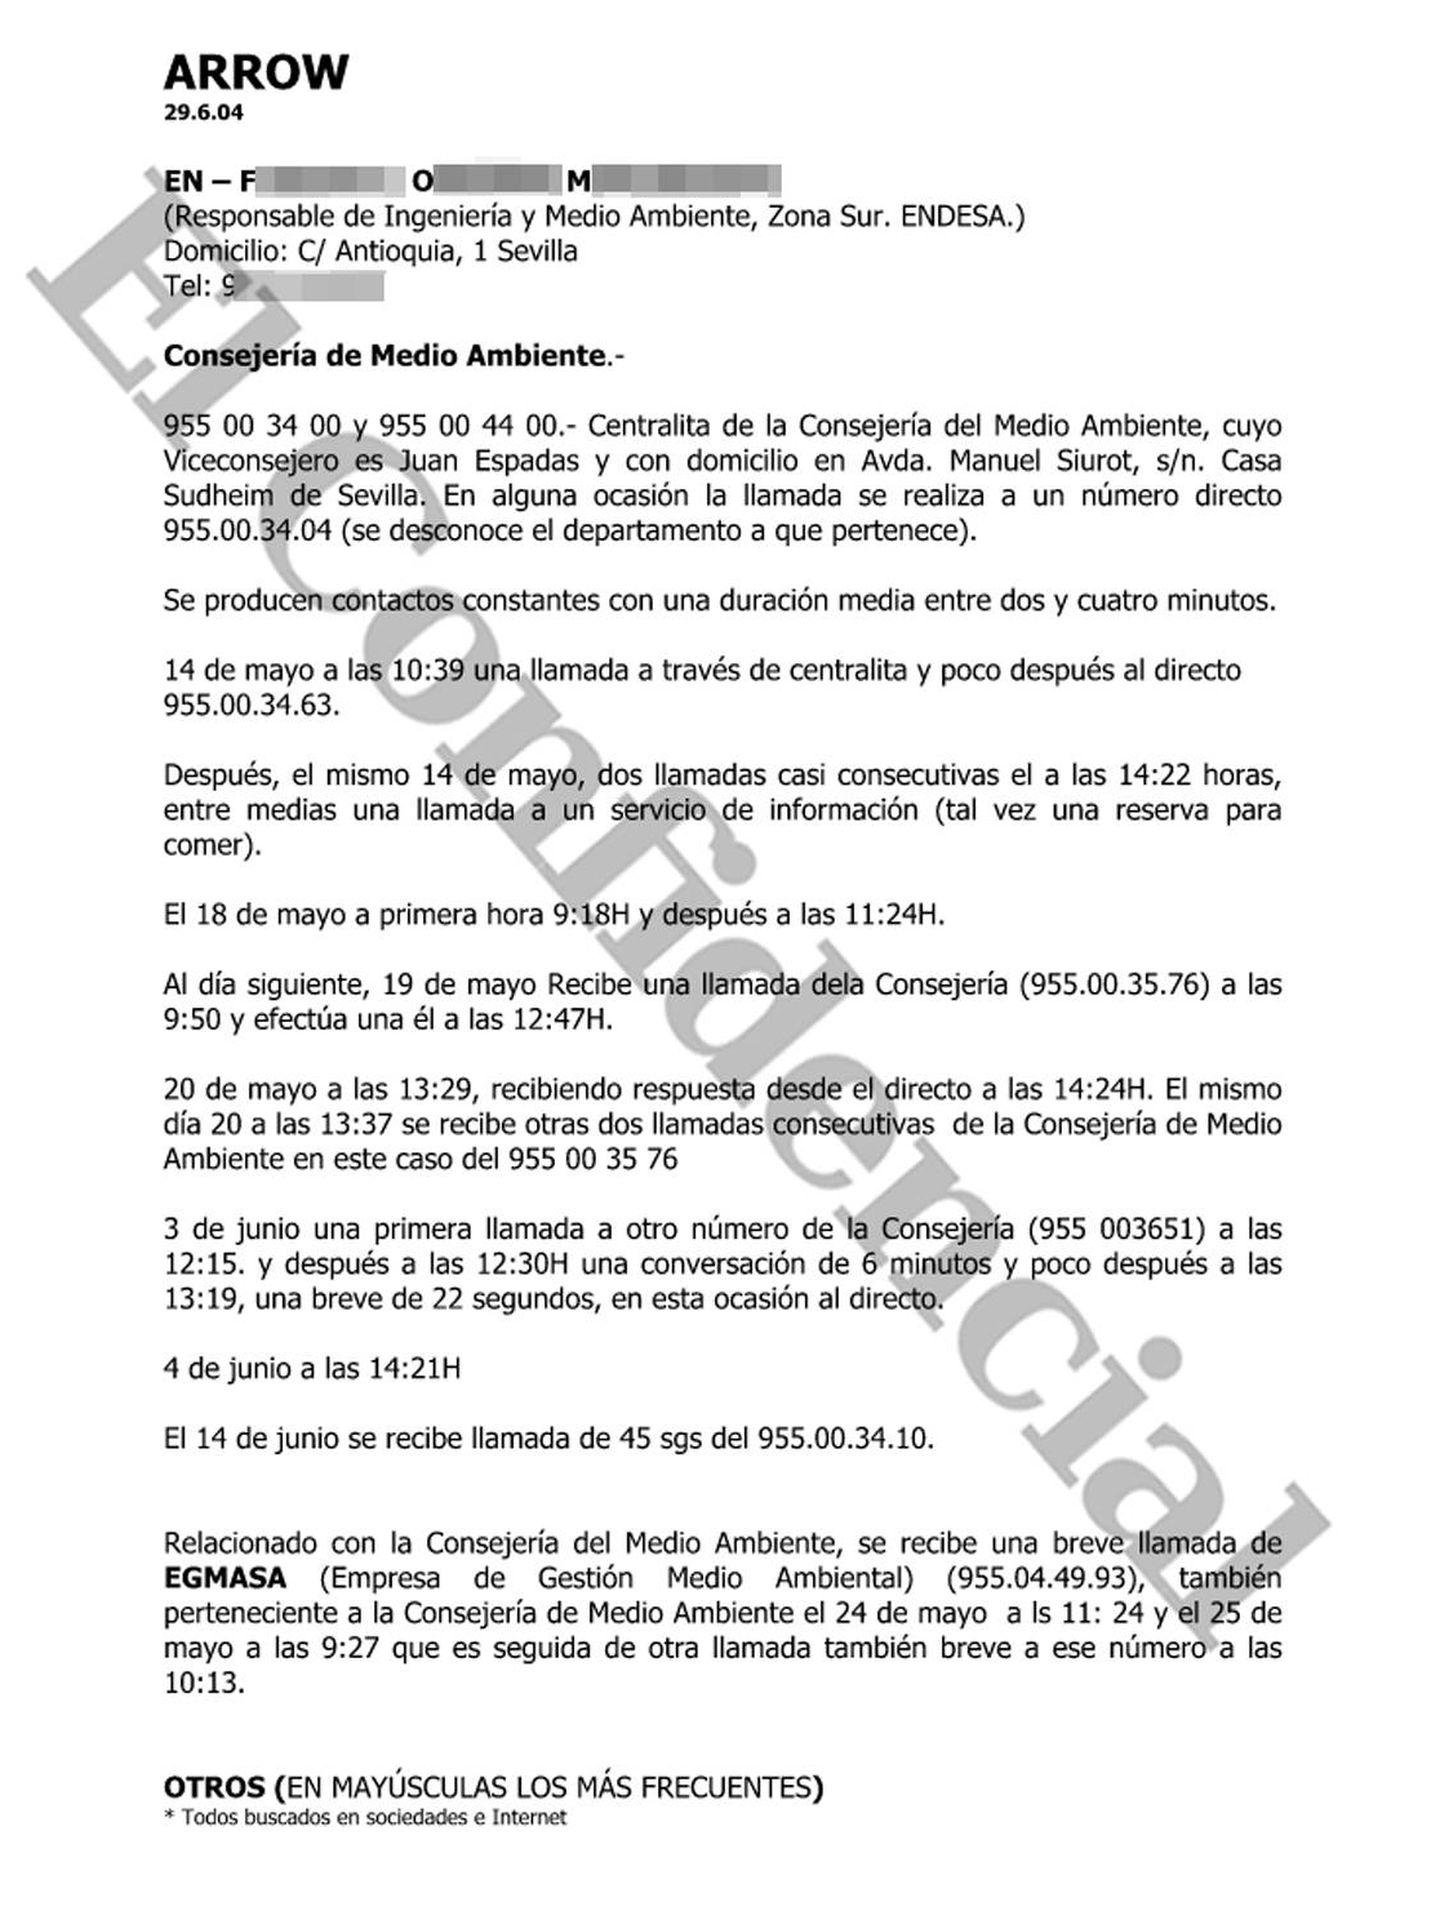 Primera página del informe de la llamada del directivo. (Pinche para ampliar)